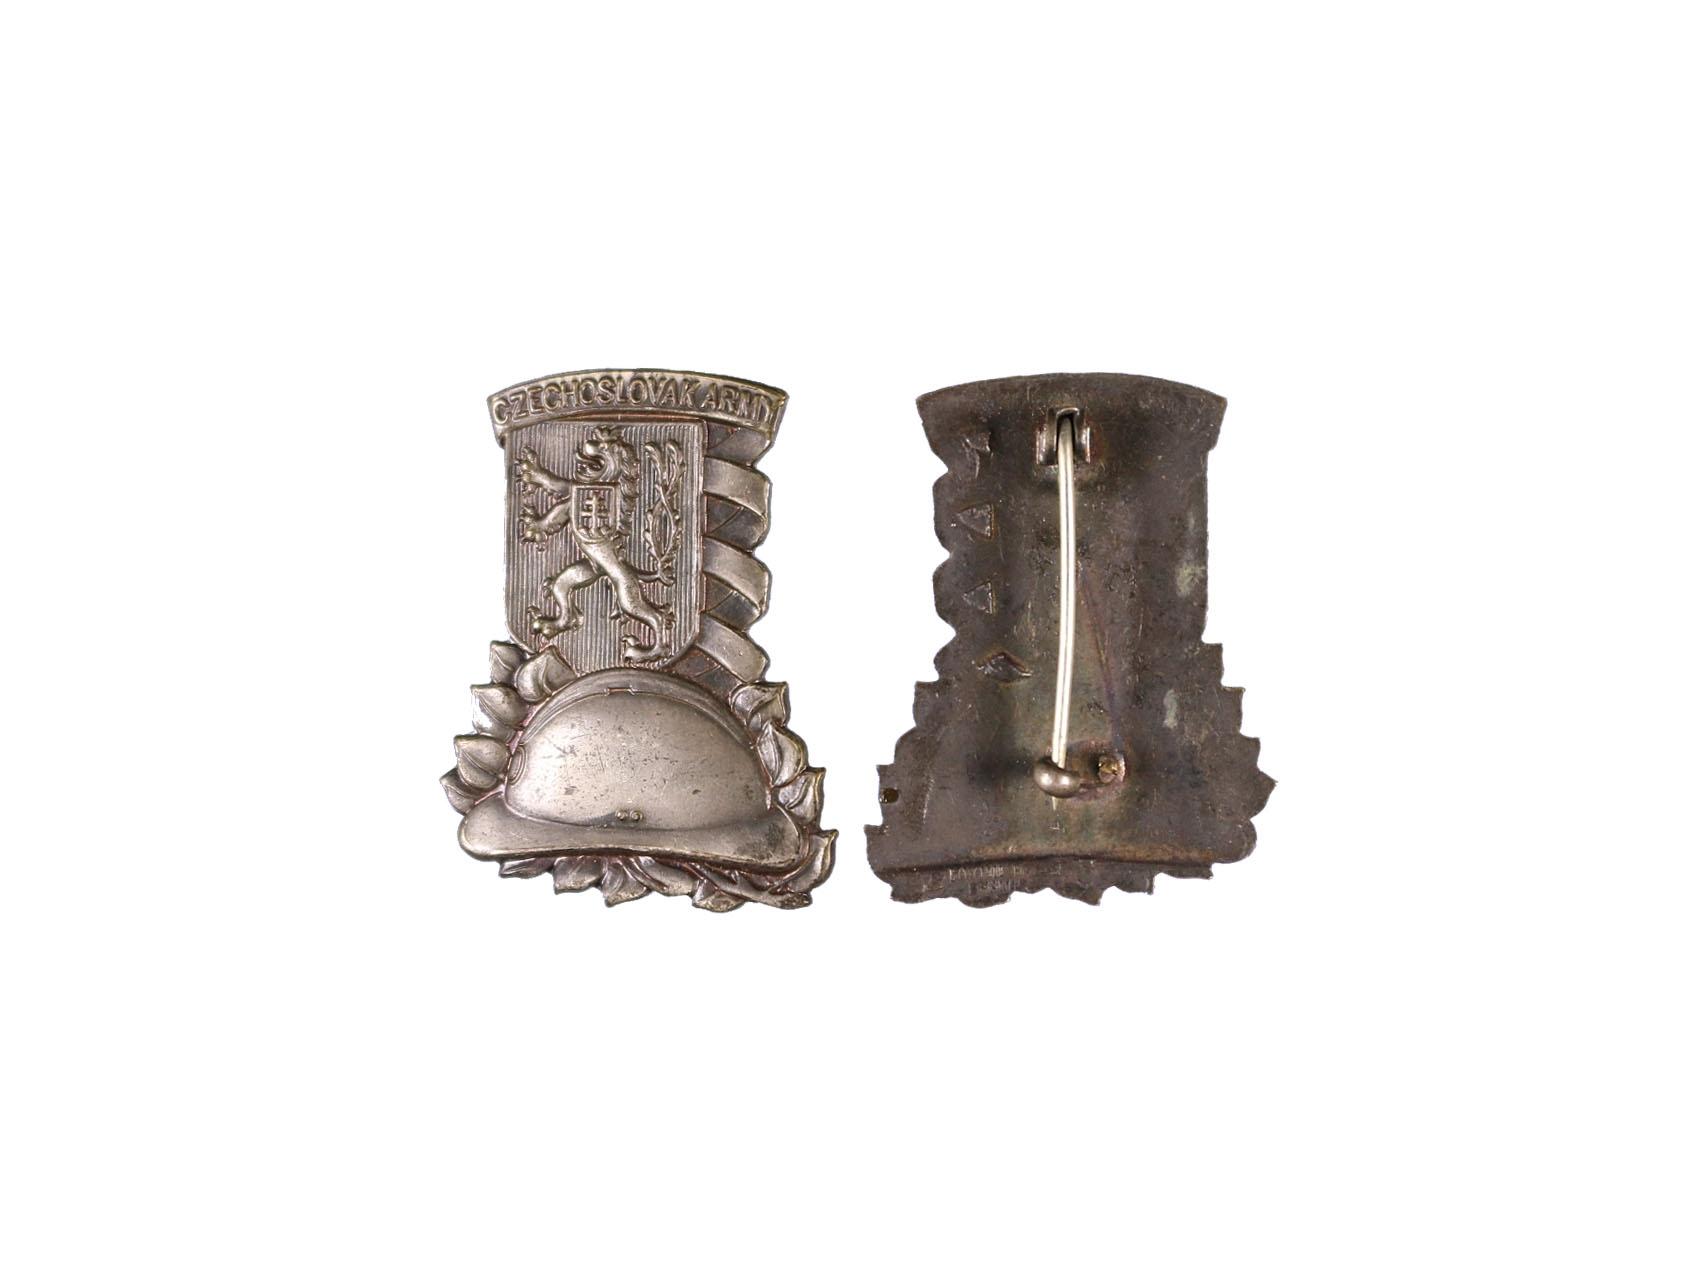 Pamětní a vzpomínkový odznak čs. armády ve Francii, nesmaltovaný, výrobce H.W.Miller Velká Británie, obecný kov, rozměry 37,3x29,2 mm, upínání na svislou jehlu